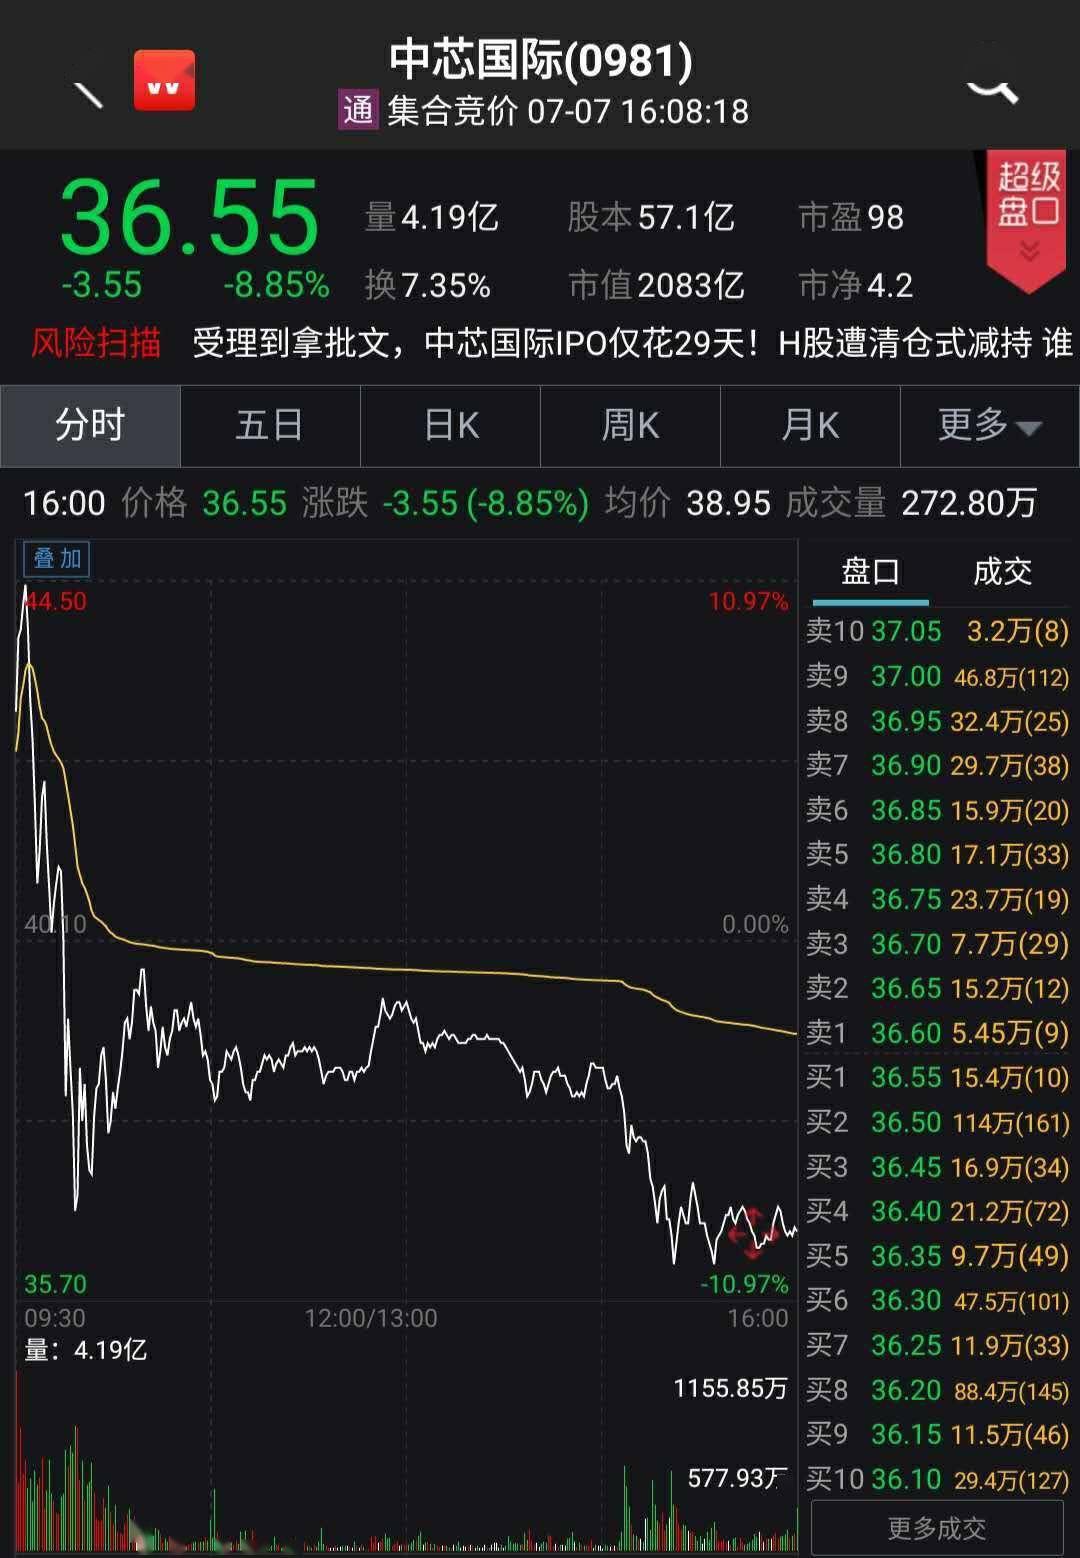 """中芯国际A股IPO受热捧但投资者坐得住""""冷板凳""""吗?"""